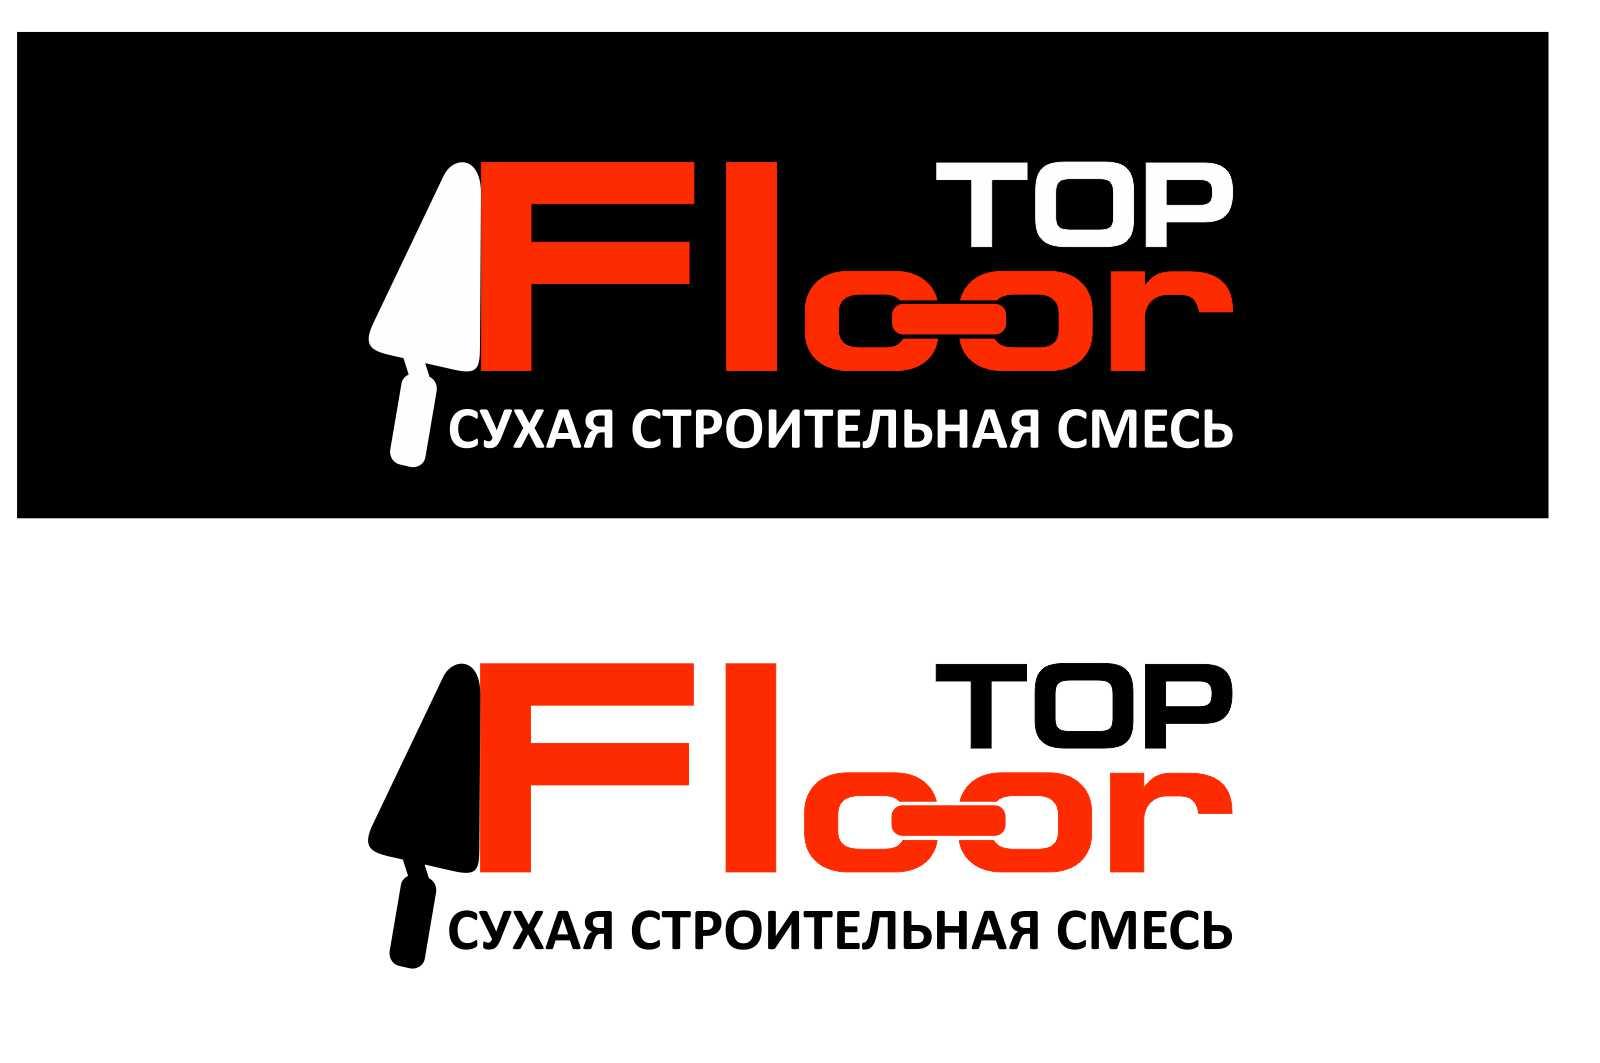 Разработка логотипа и дизайна на упаковку для сухой смеси фото f_4635d25deca06d44.jpg